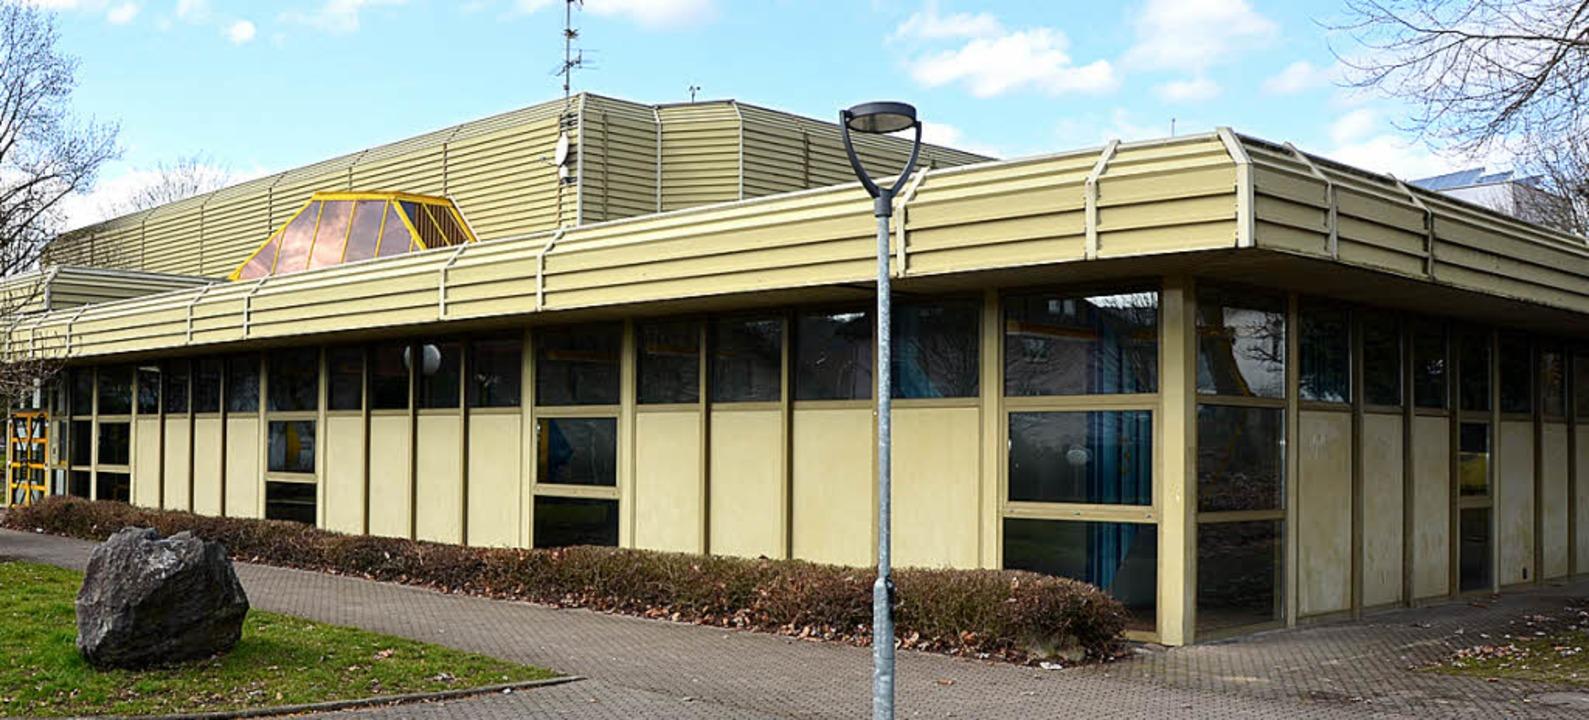 Wohin können die Bad Säckinger Vereine...schuss am Donnerstagabend diskutiert.   | Foto: Gesell/Soboll